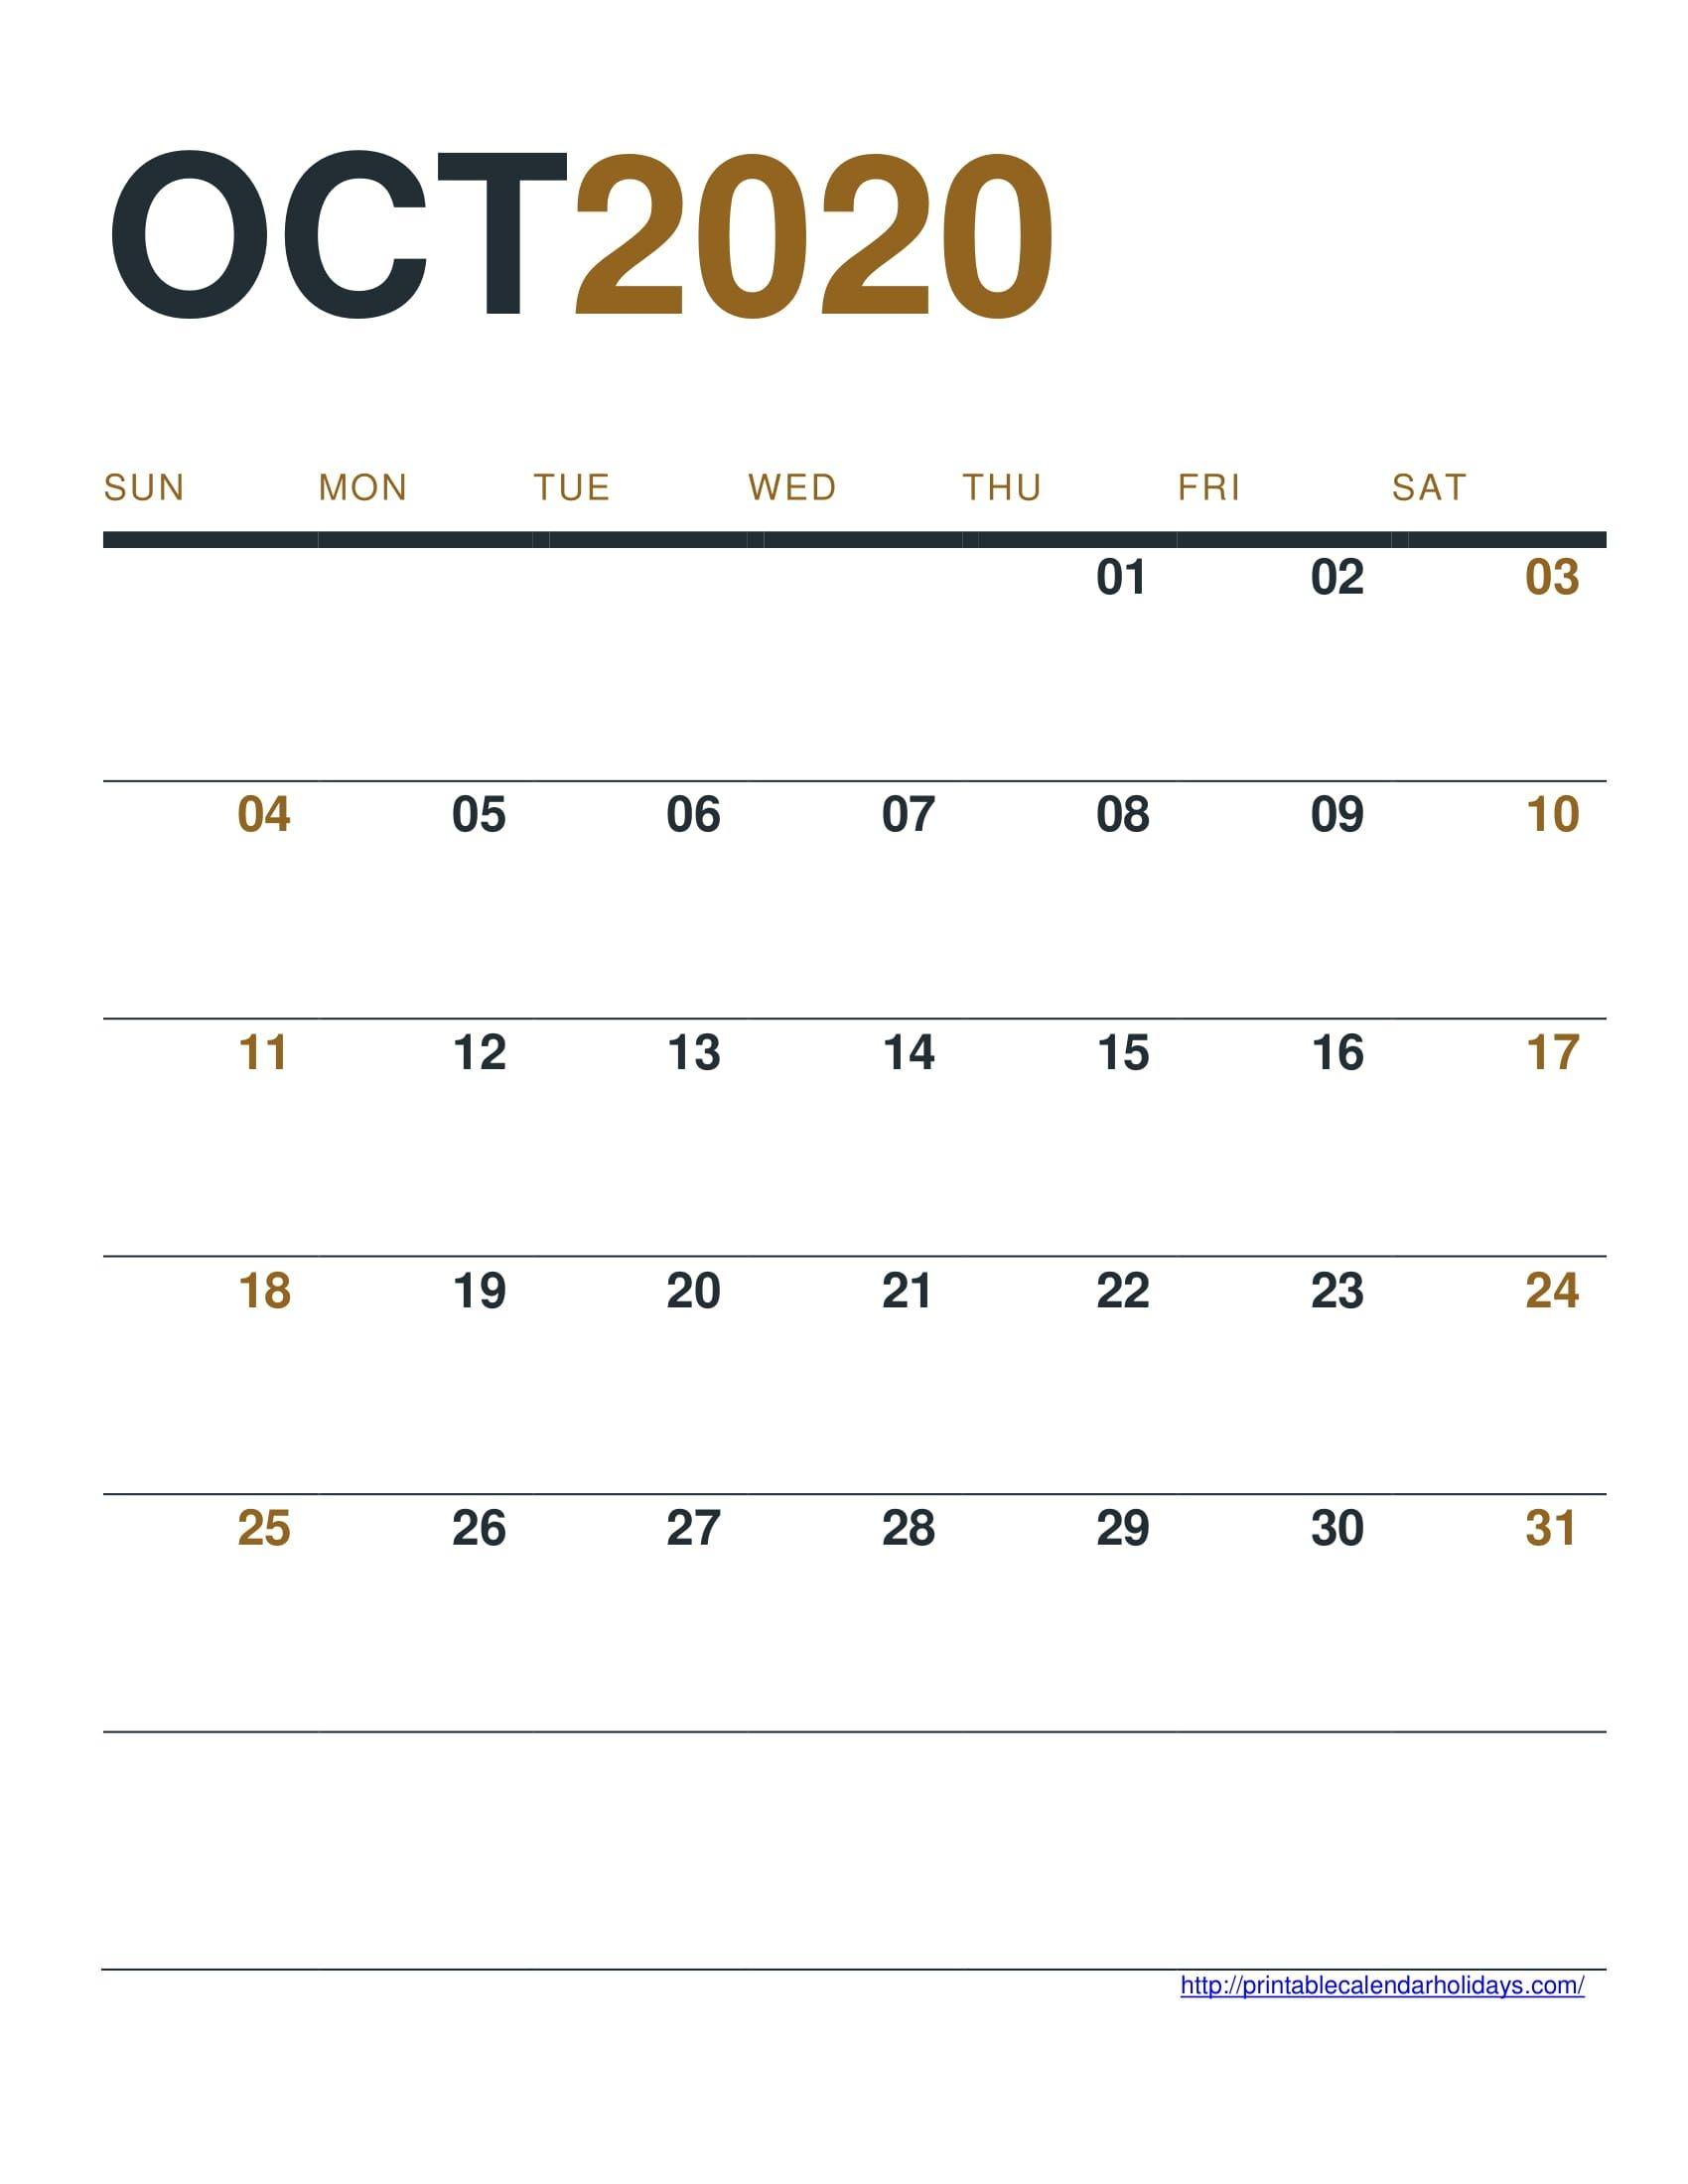 October 2020 Calendar Printable Free - Printable Calendar